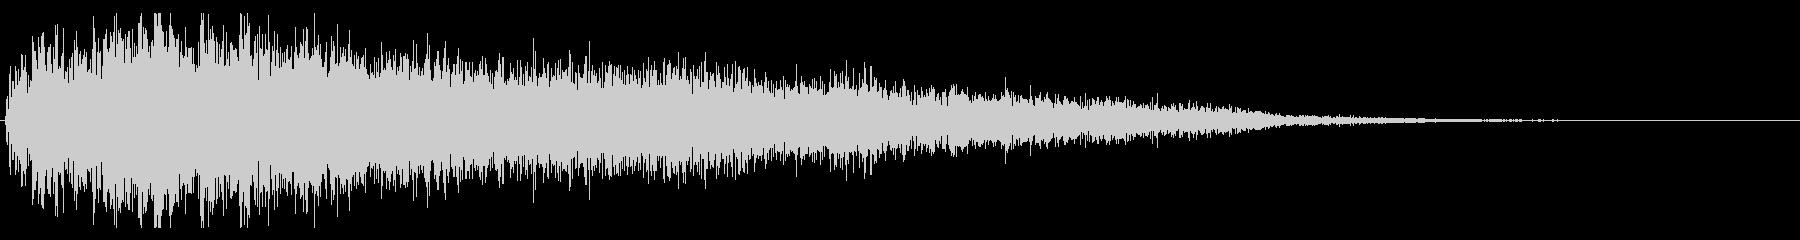 (インパクト)ドラ・ジャーン_02の未再生の波形